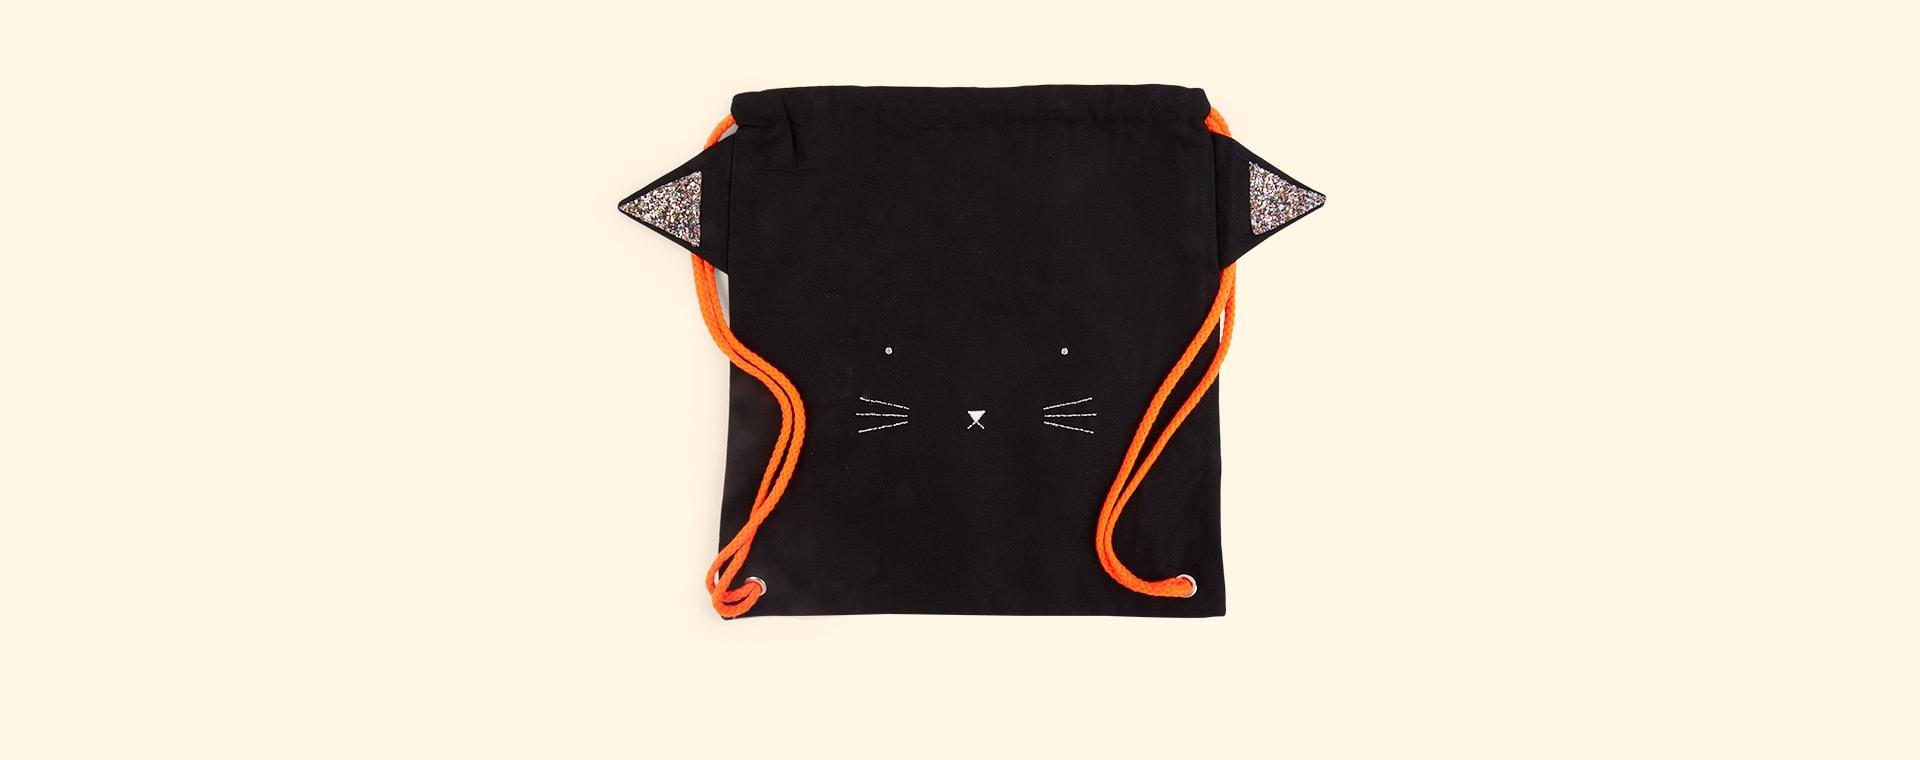 Black Meri Meri Spooky Black Cat Backpack